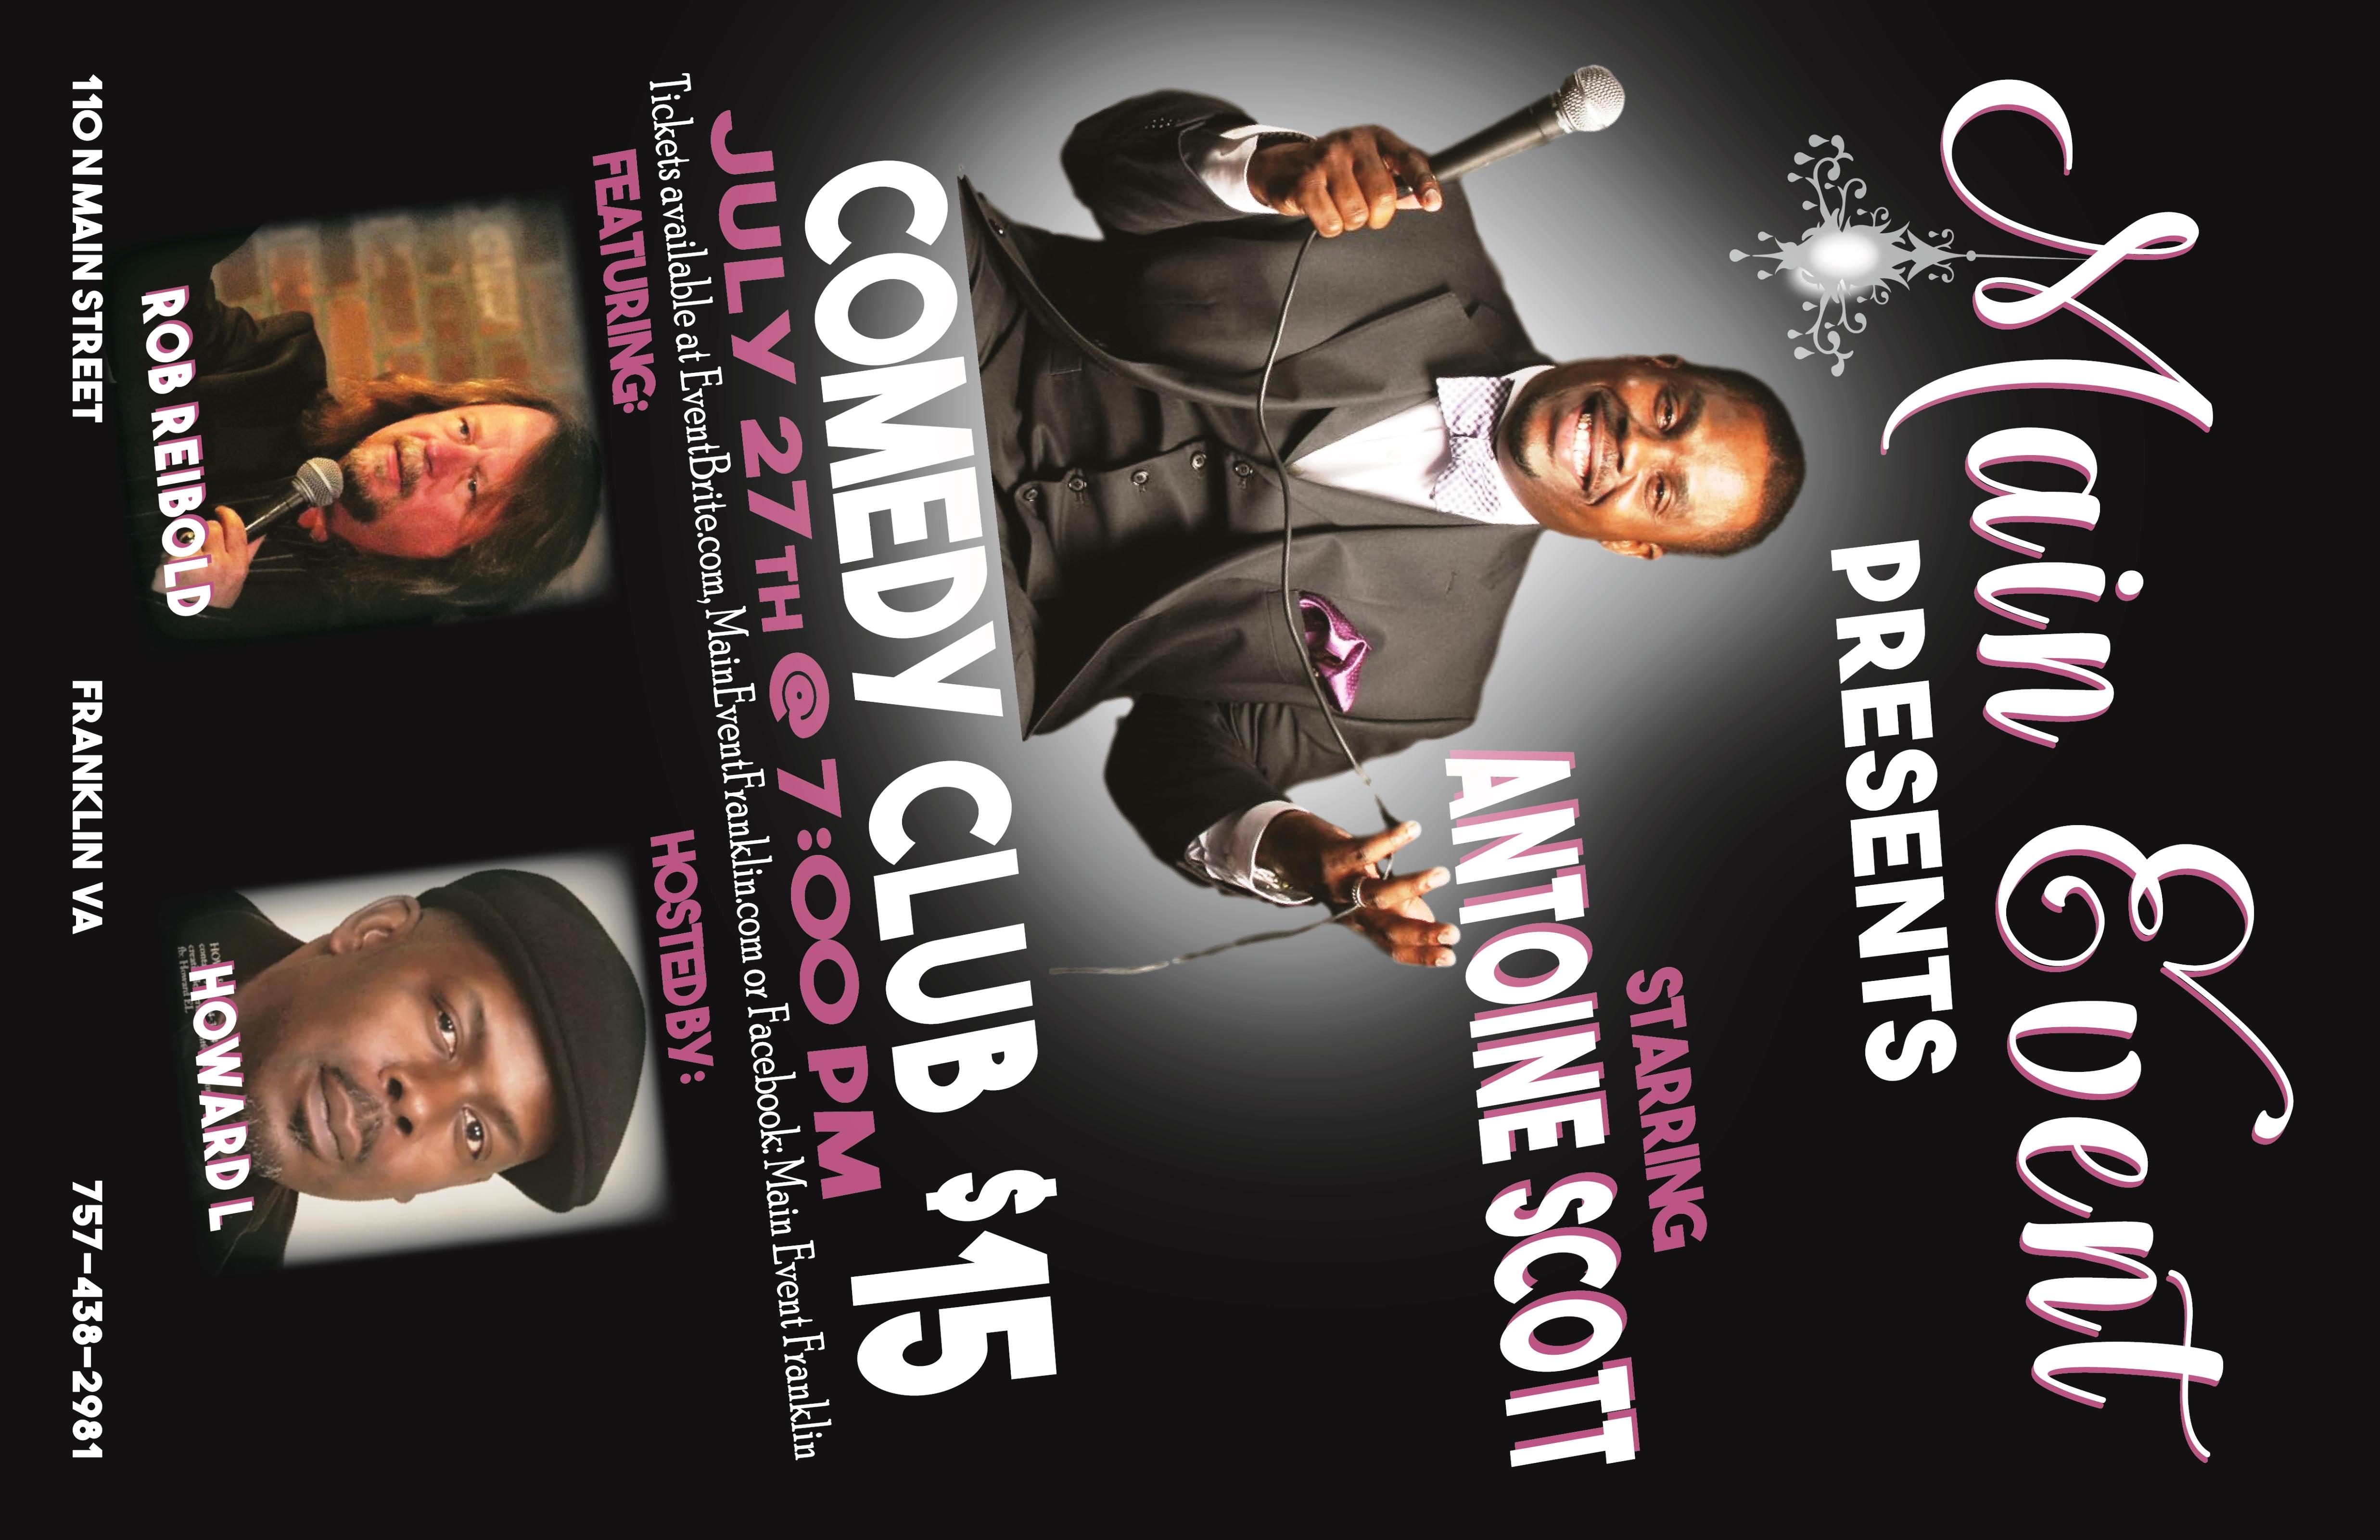 Main Event Presents Comedy Club | Events Calendar | Welcome For Comedy Club Virginia Beach Calendar